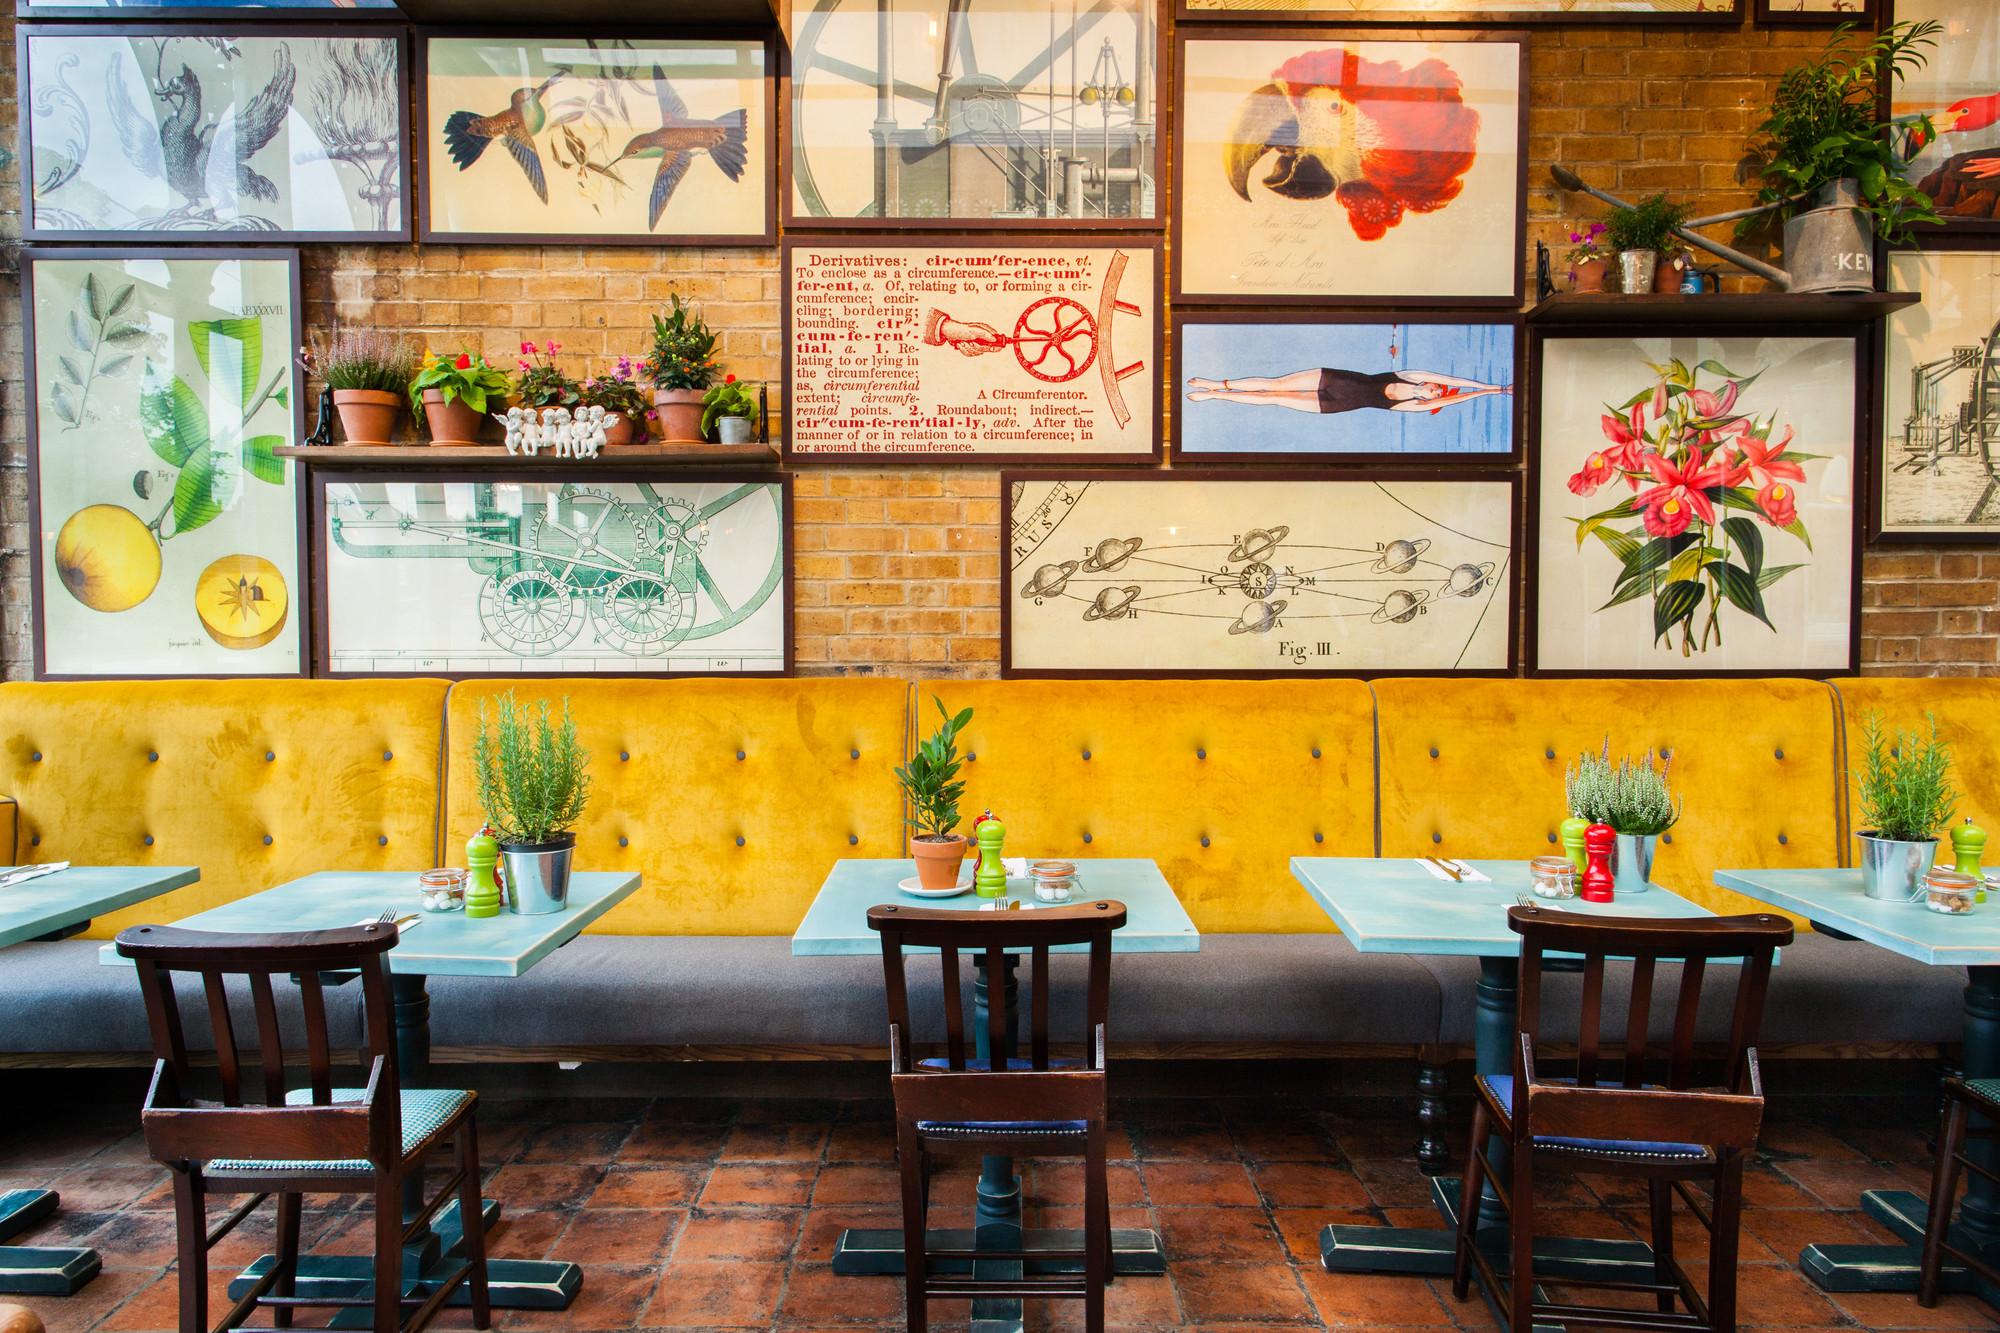 2014 Restaurant & Bar Design Award Winners | ArchDaily